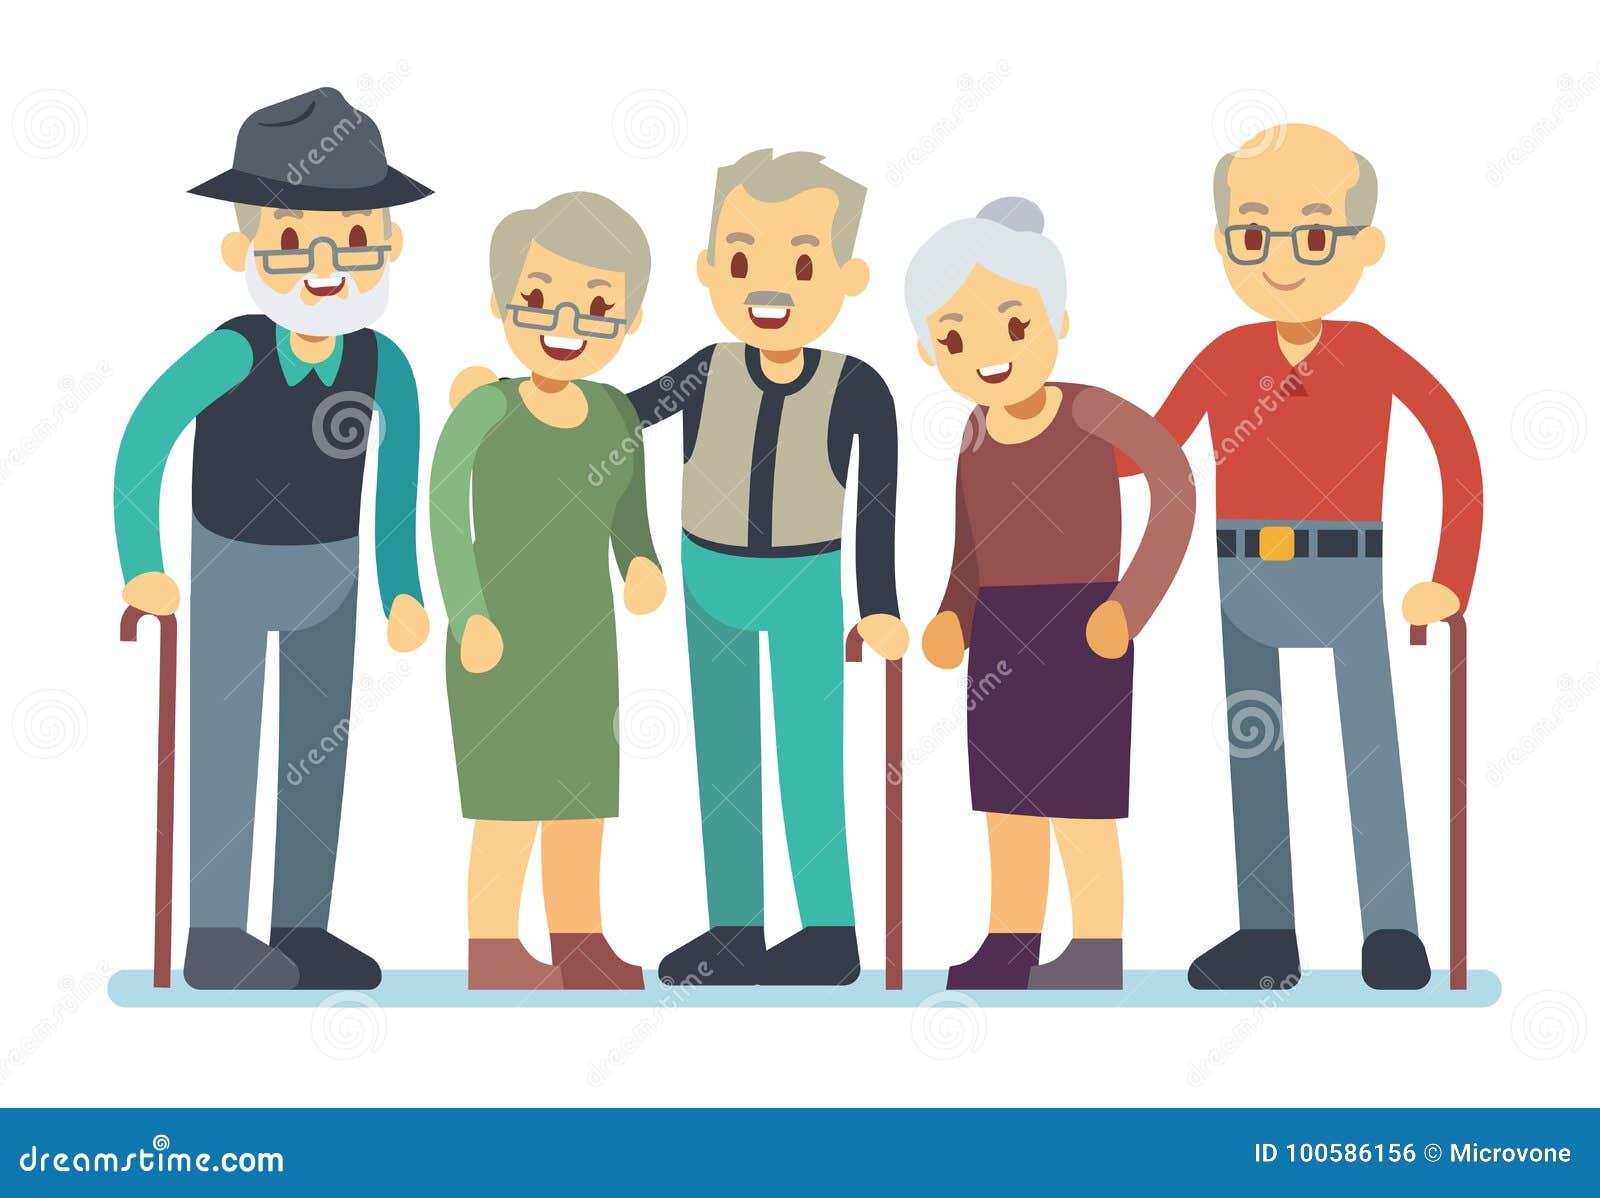 b13baaf388d8 Gruppe Zeichentrickfilm-Figuren Der Alten Leute Glückliche ältere ...